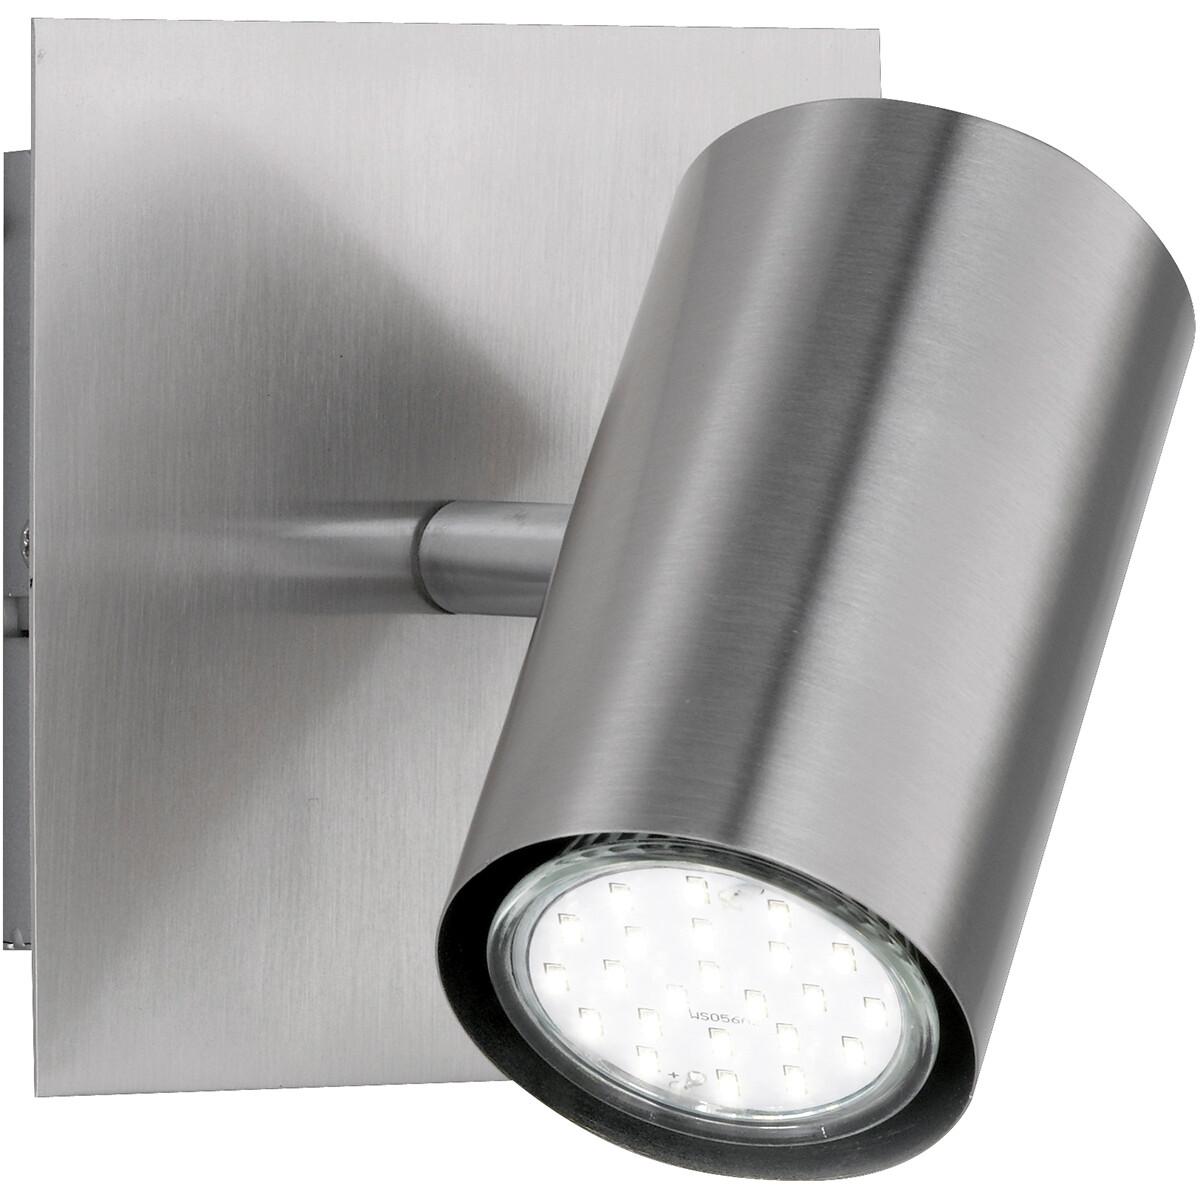 LED Wandspot - Trion Mary - GU10 Fitting - Vierkant - Mat Nikkel - Aluminium